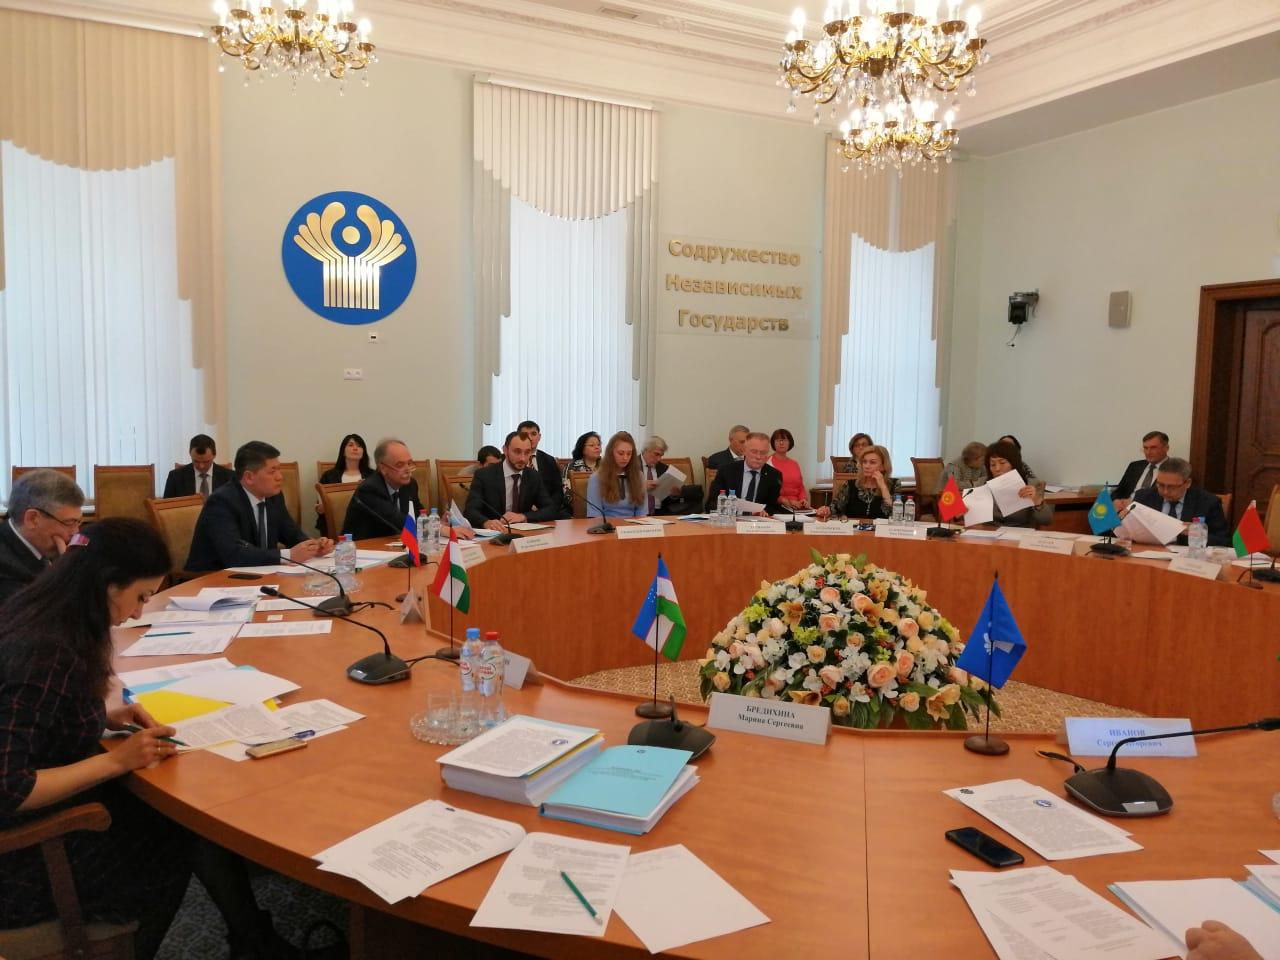 Заседание экспертной группы Комиссии по экономическим вопросам при Экономическом совете СНГ